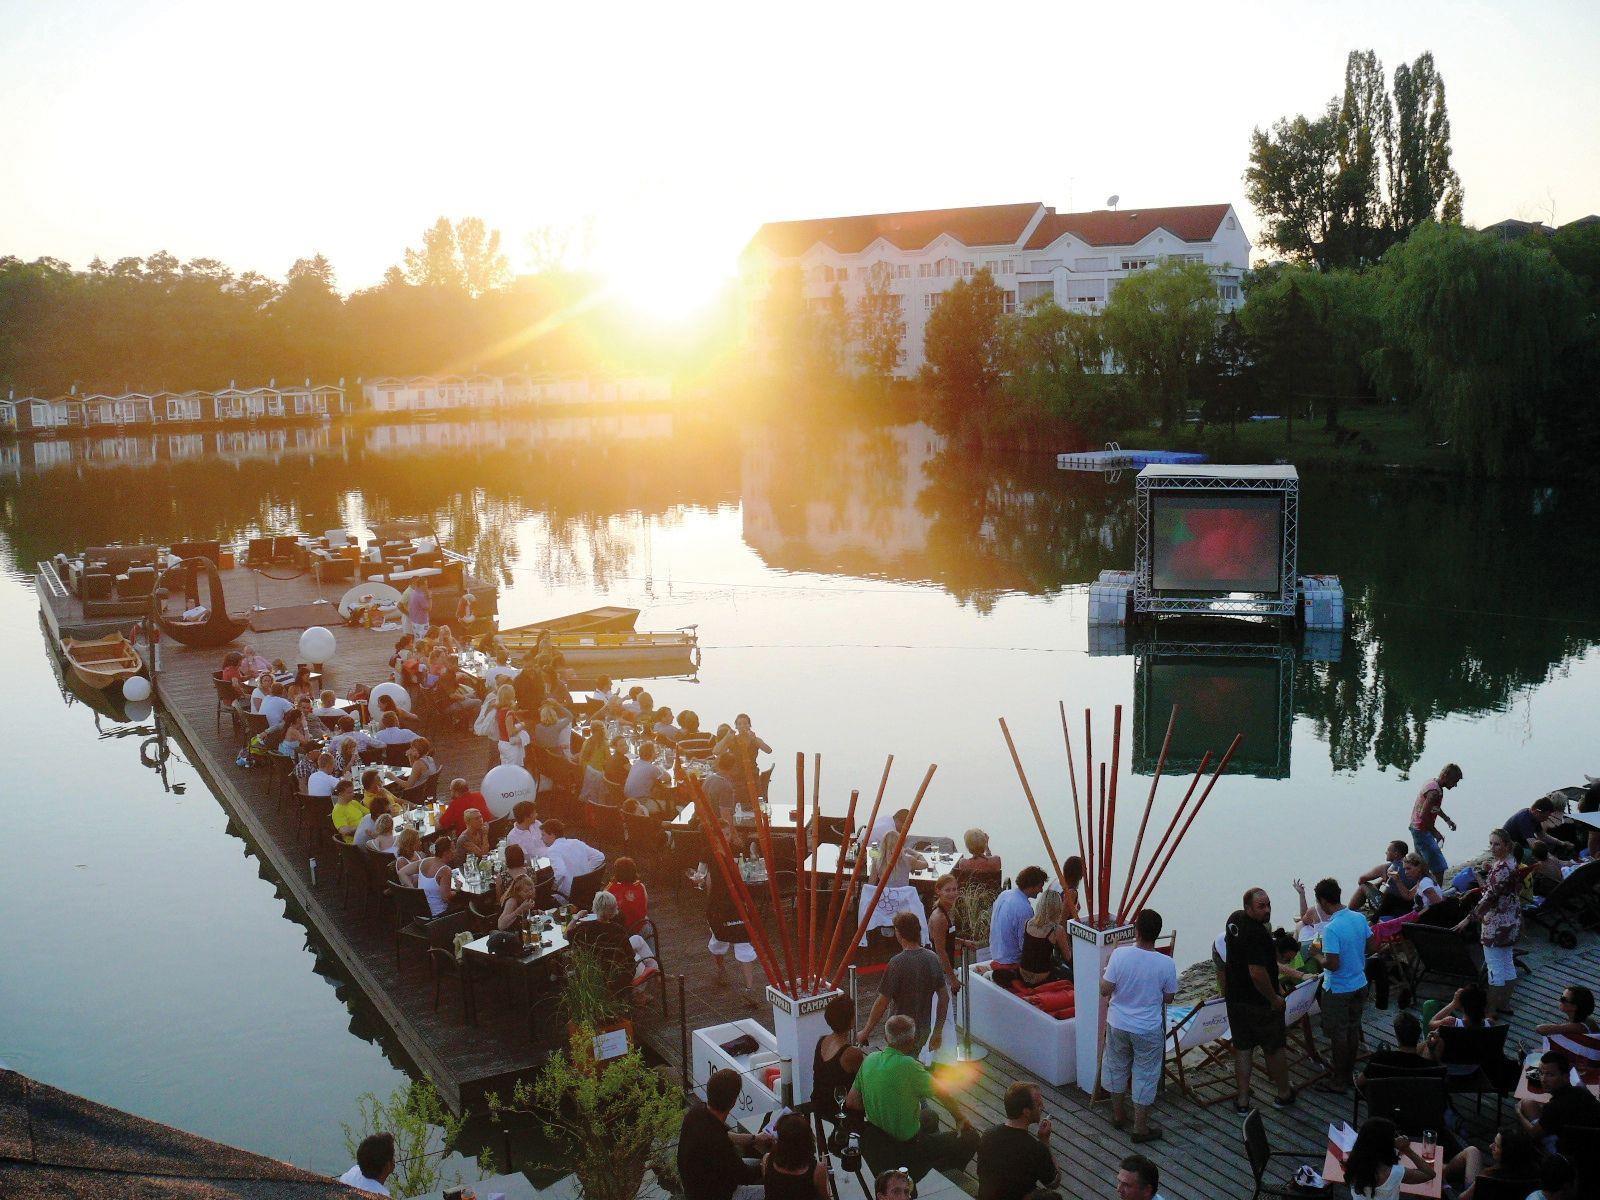 100 Tage Sommer will Brunn/Gebirge bis 1. September zählen